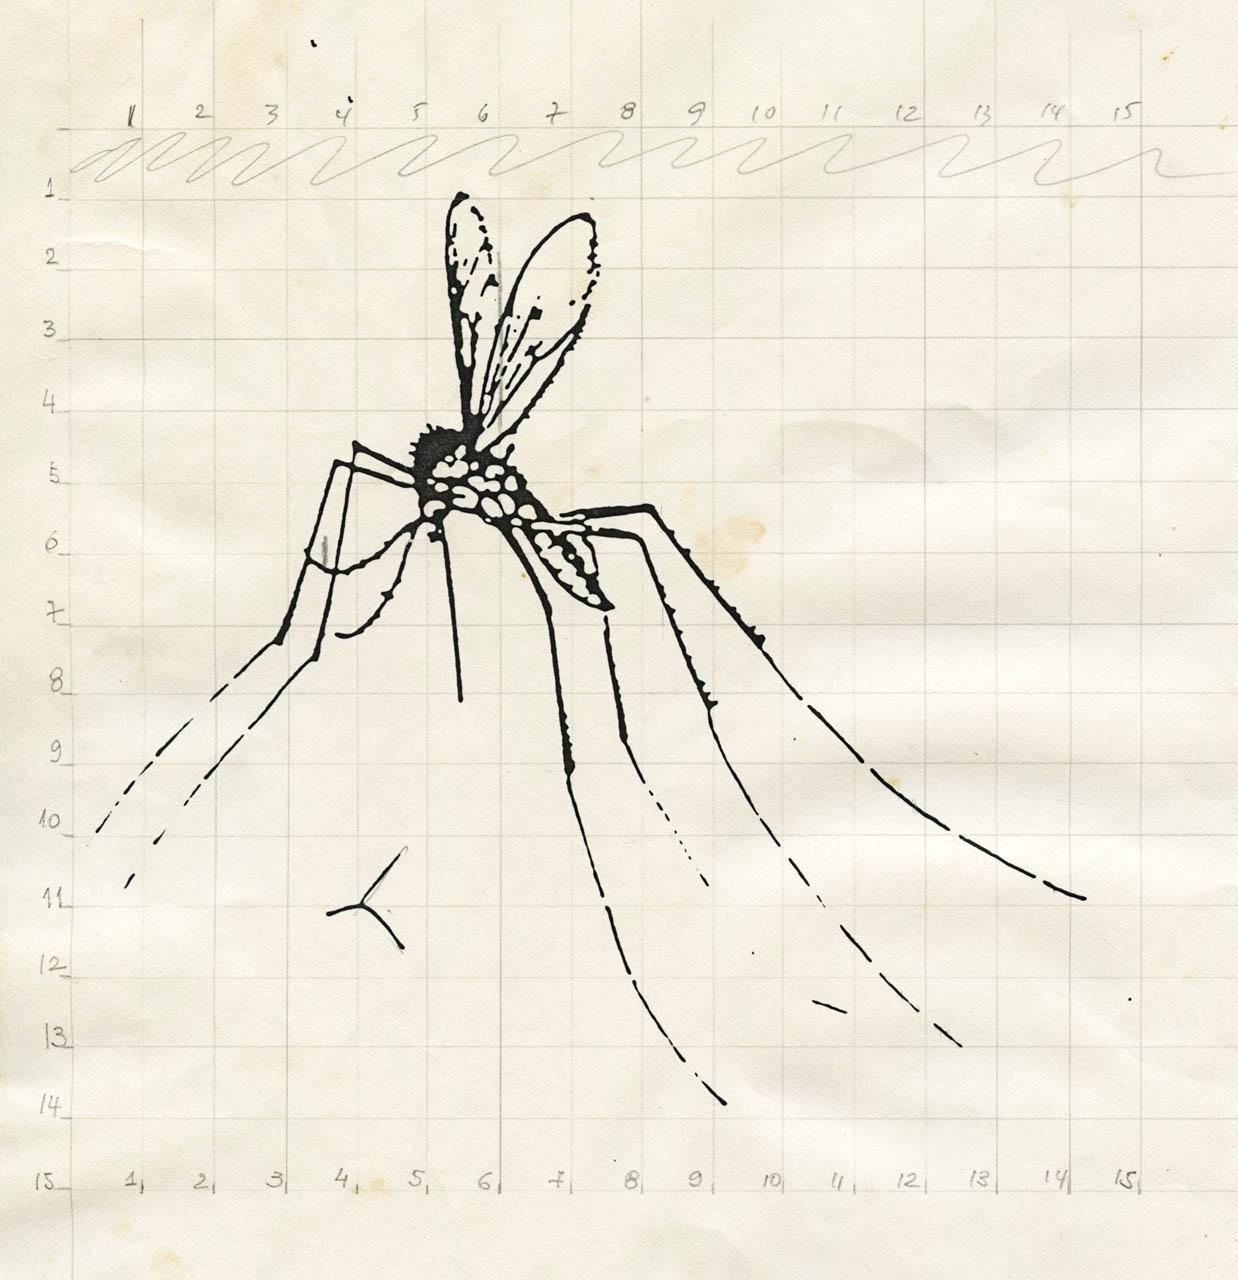 mosquito_desenho_01_arquivo